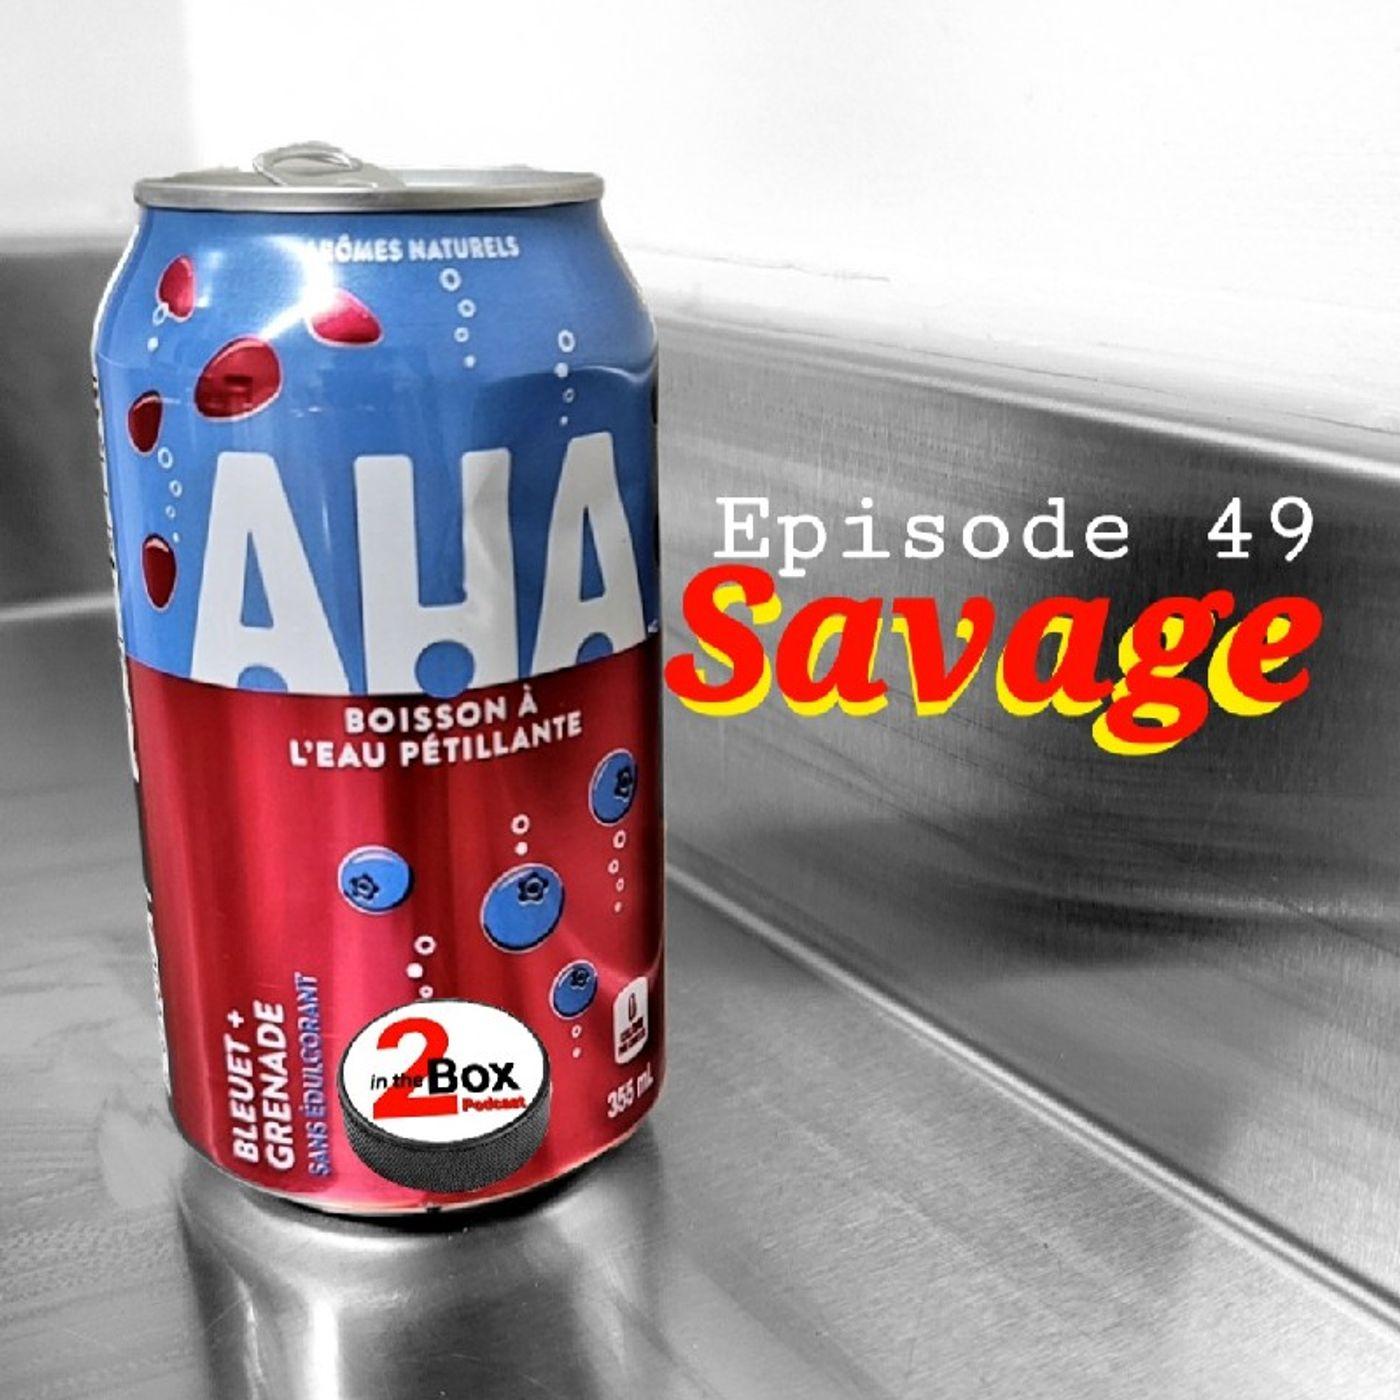 Episode 49 - Savage